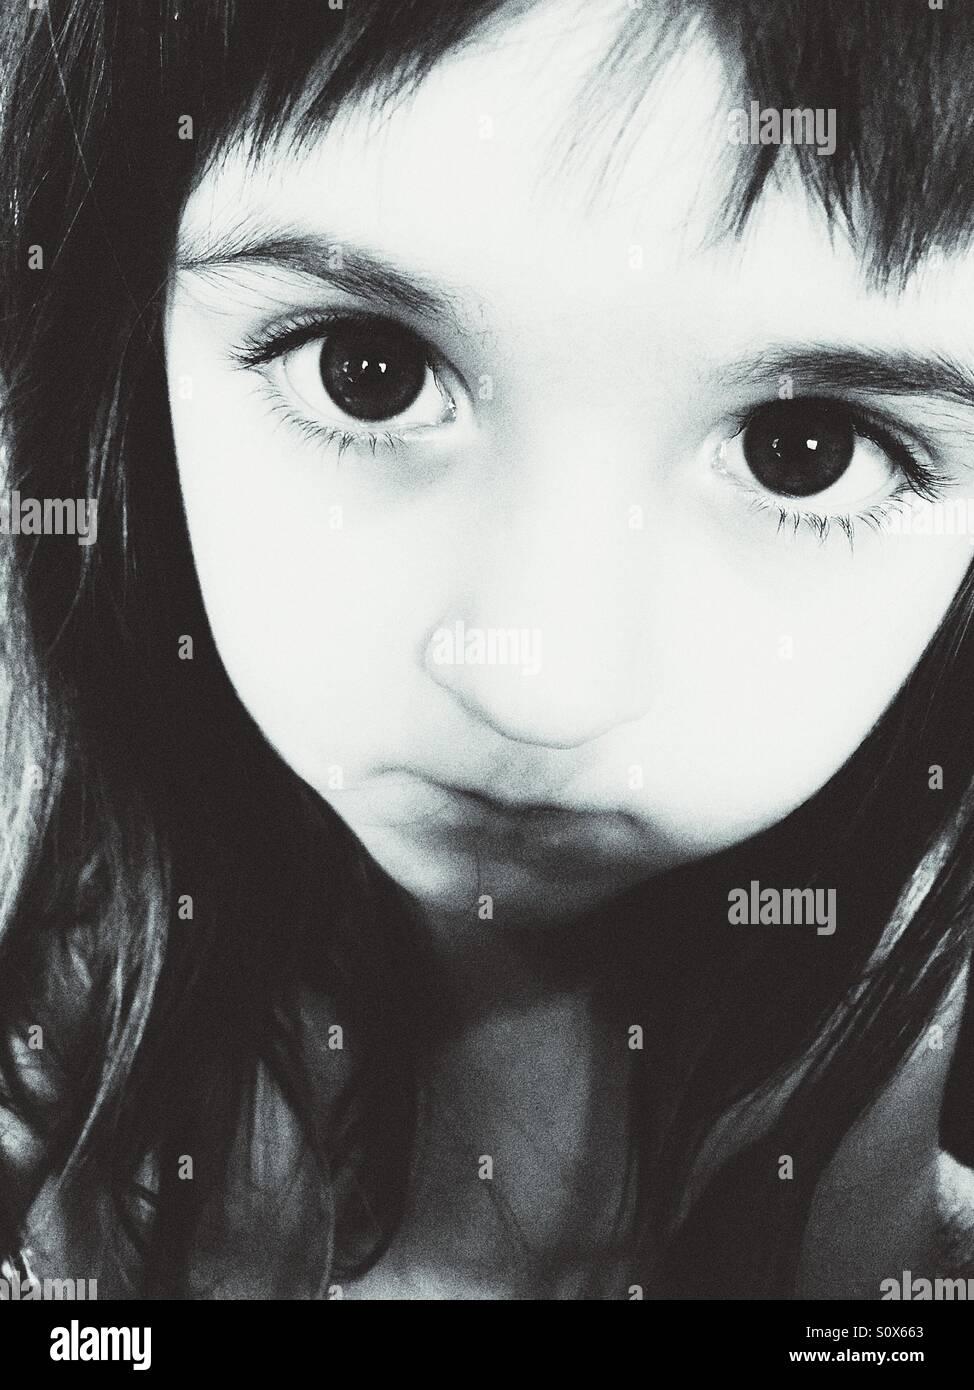 Bianco e nero ritratto della ragazza caucasica. Immagini Stock